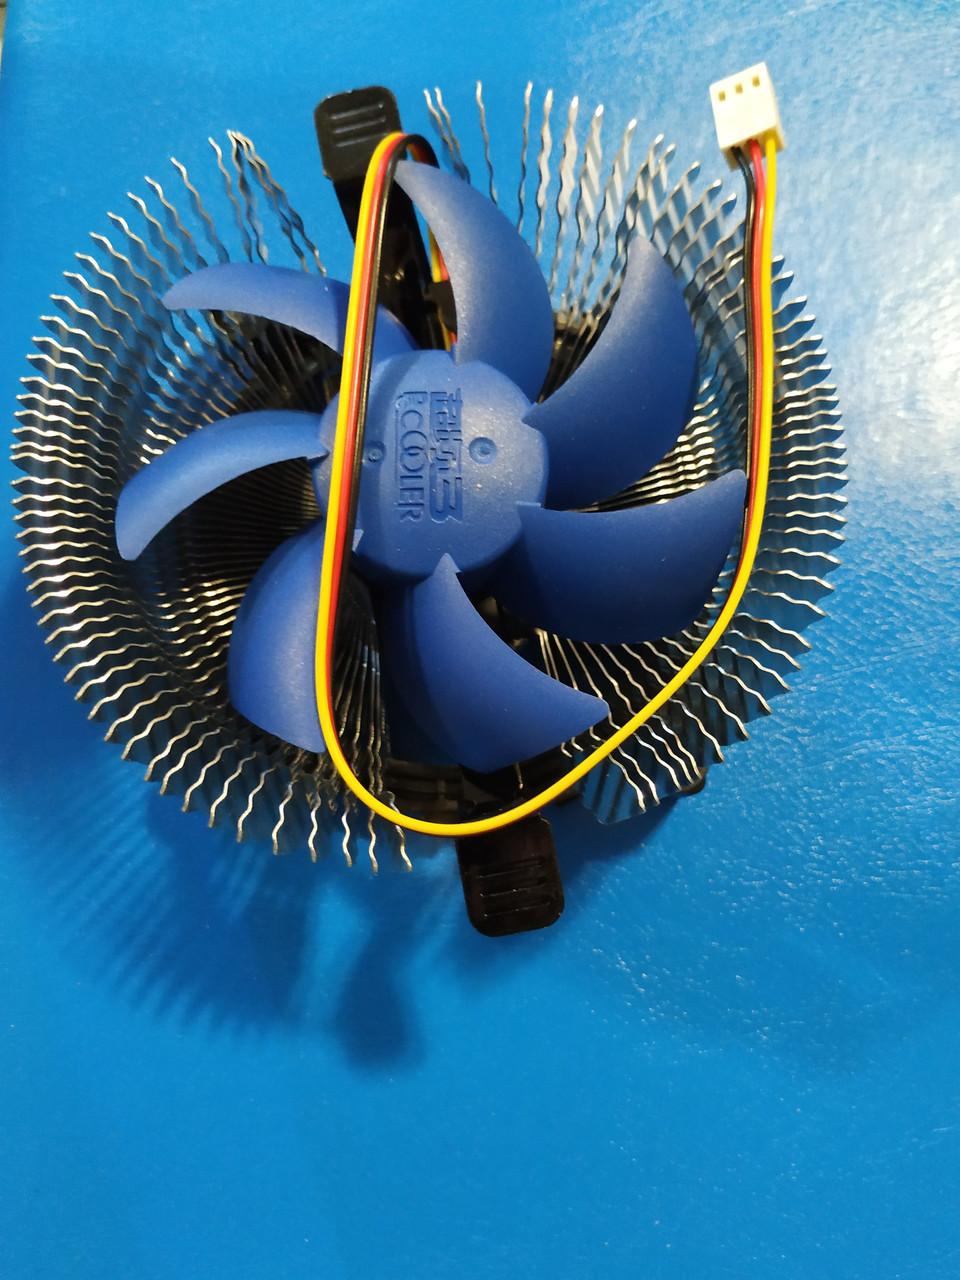 Кулер для процессора универсальный Intel LGA1200/1150/1155/1156/775, Алматы